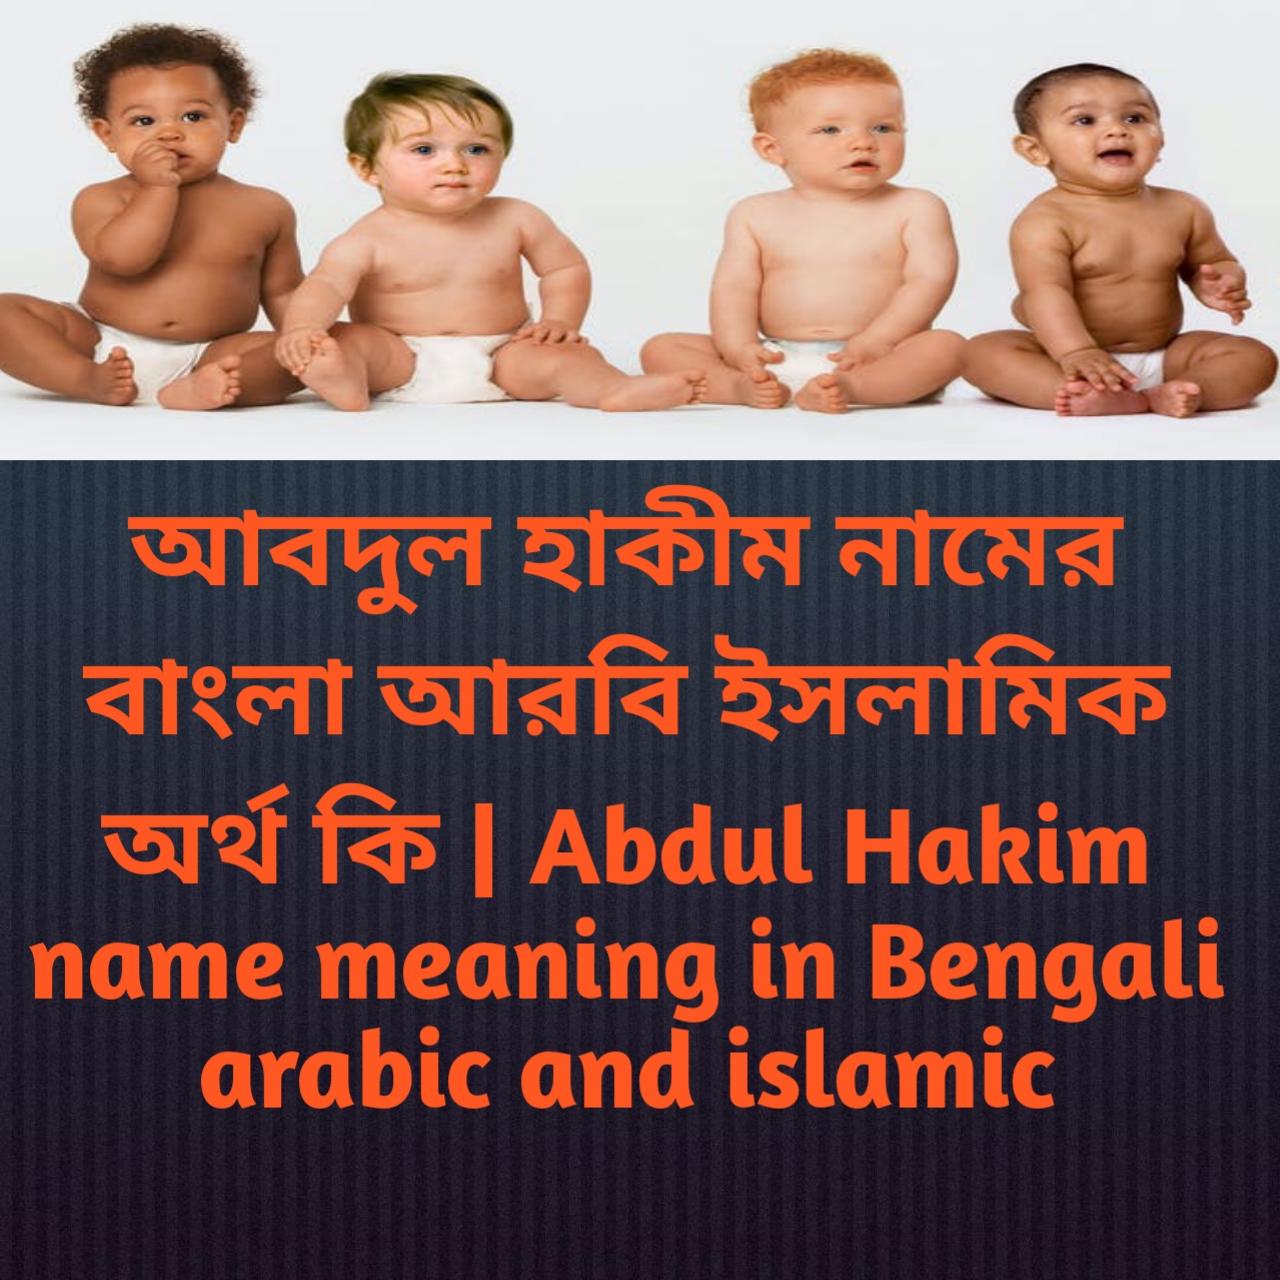 আবদুল হাকীম নামের অর্থ কি, আবদুল হাকীম নামের বাংলা অর্থ কি, আবদুল হাকীম নামের ইসলামিক অর্থ কি, Abdul Hakim name meaning in Bengali, আবদুল হাকীম কি ইসলামিক নাম,